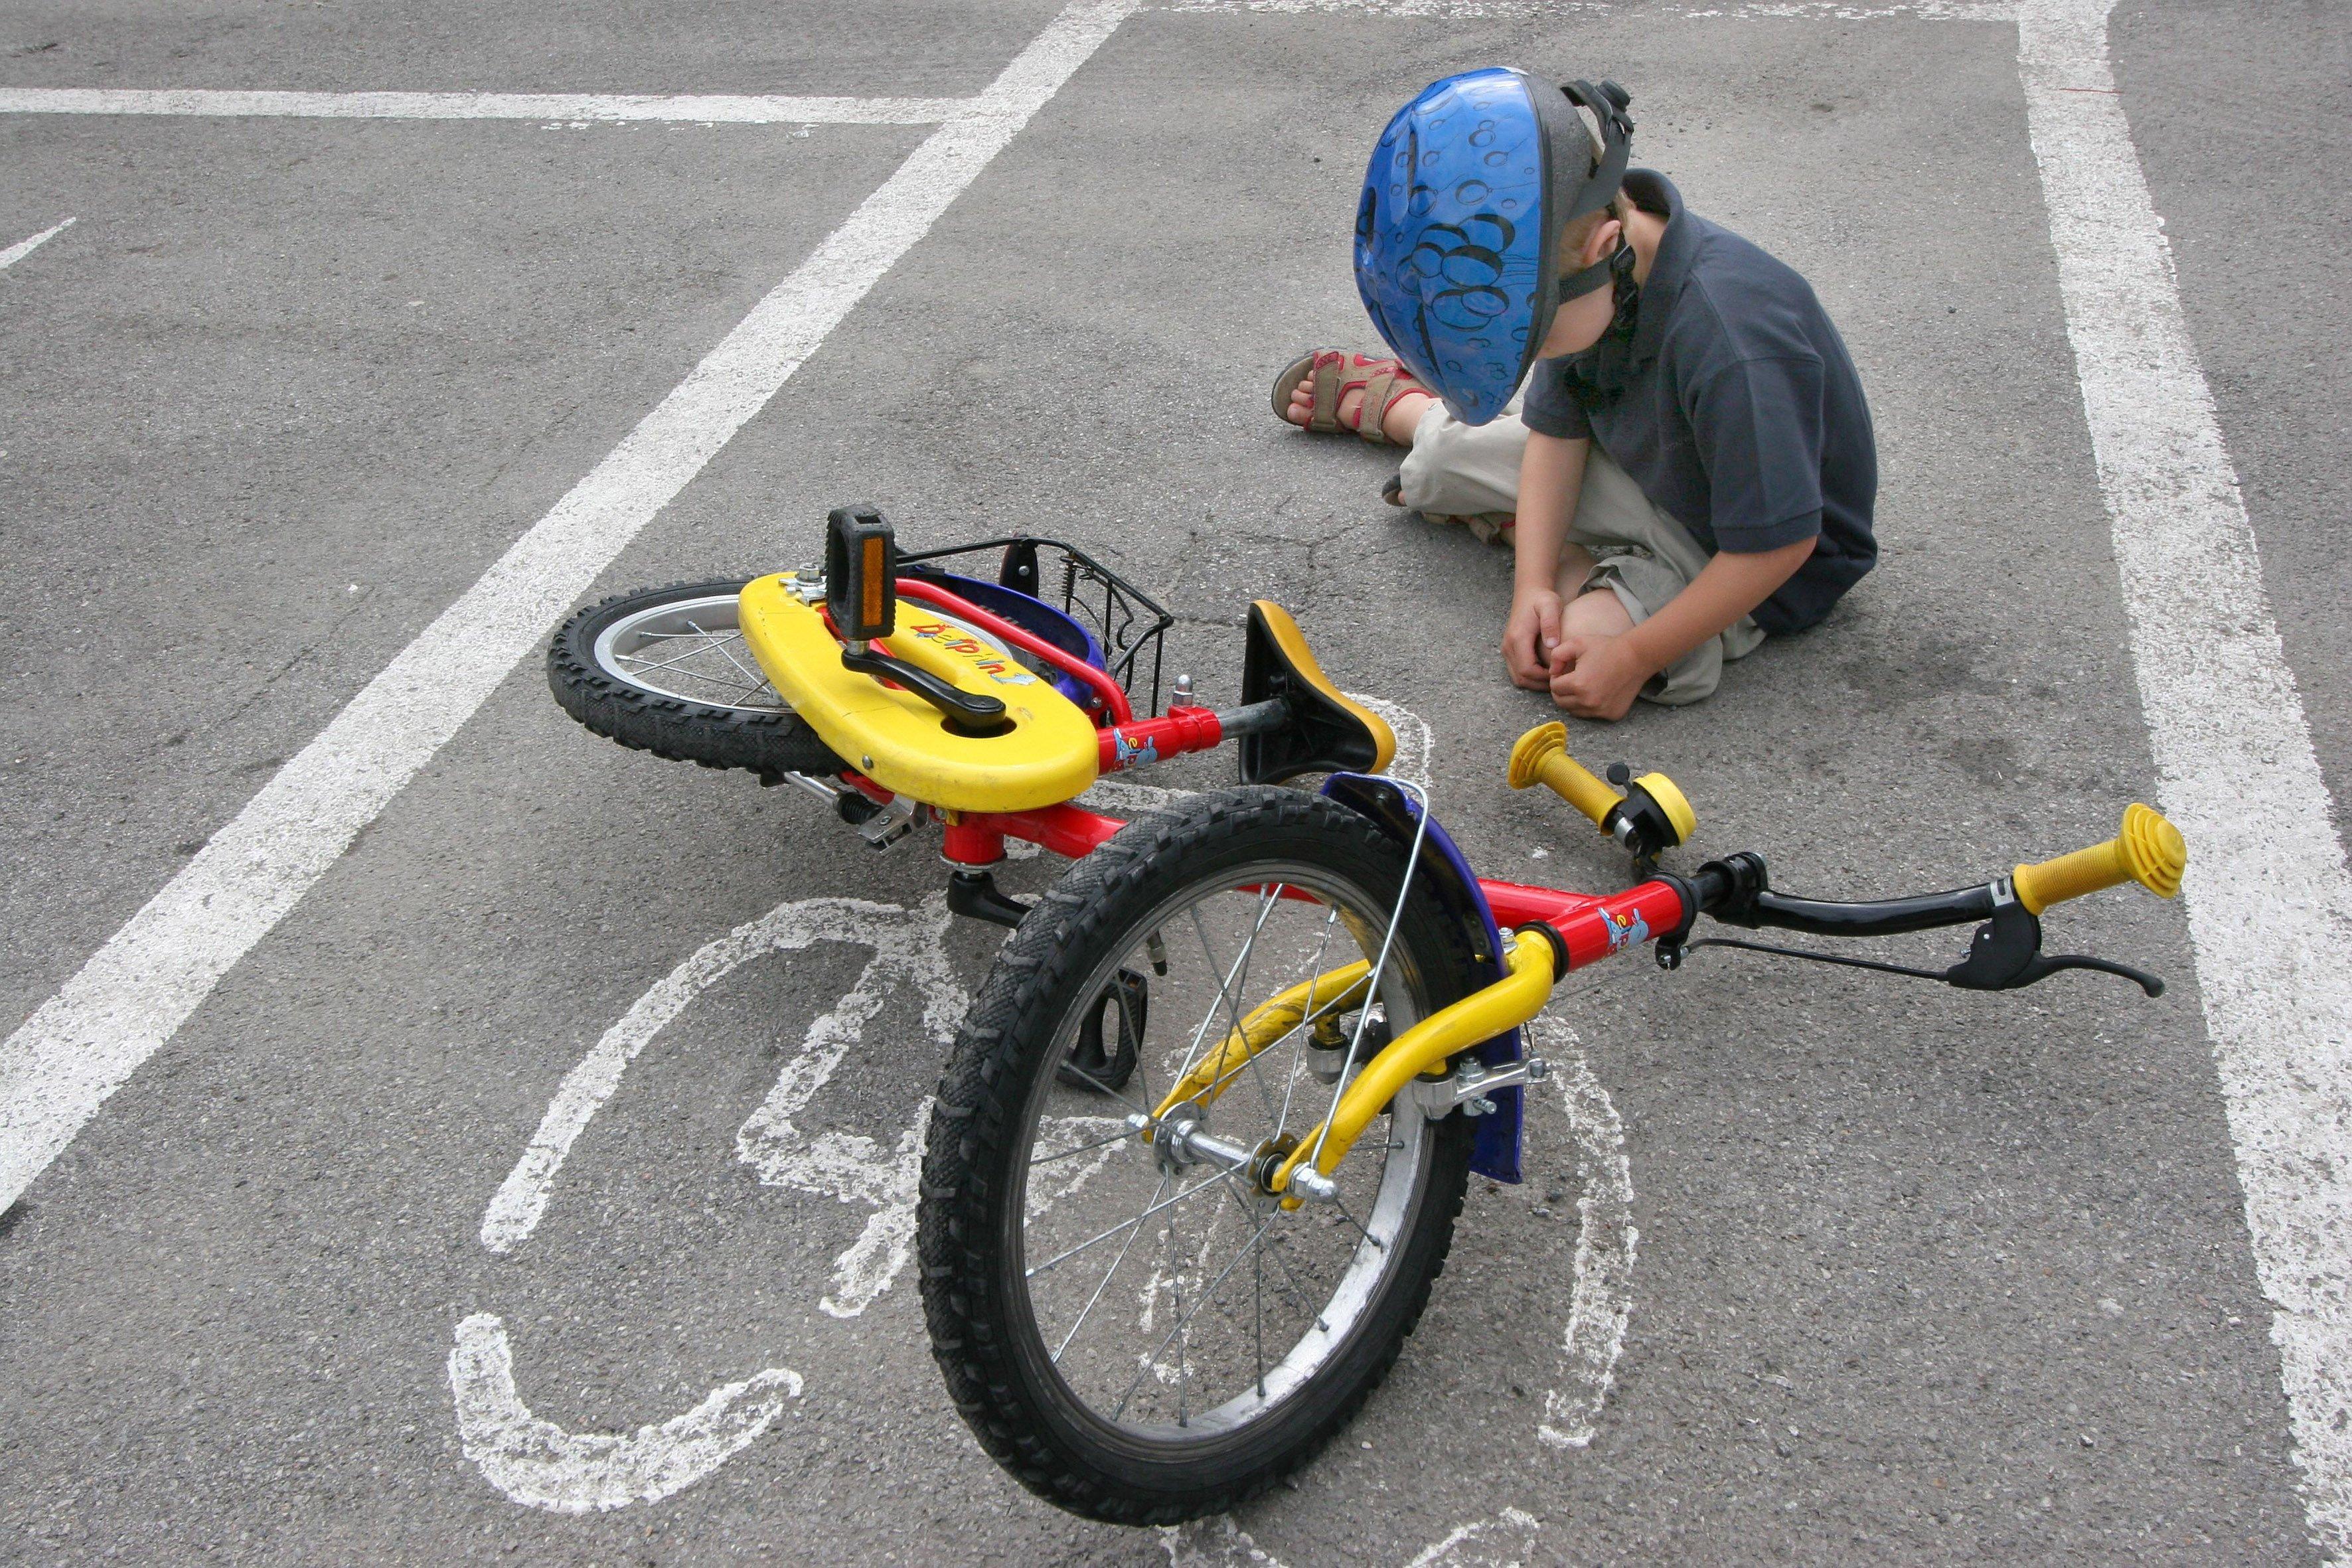 Vorarlberg: Motorradfahrer bringt 10-jährige Radlerin zu Sturz